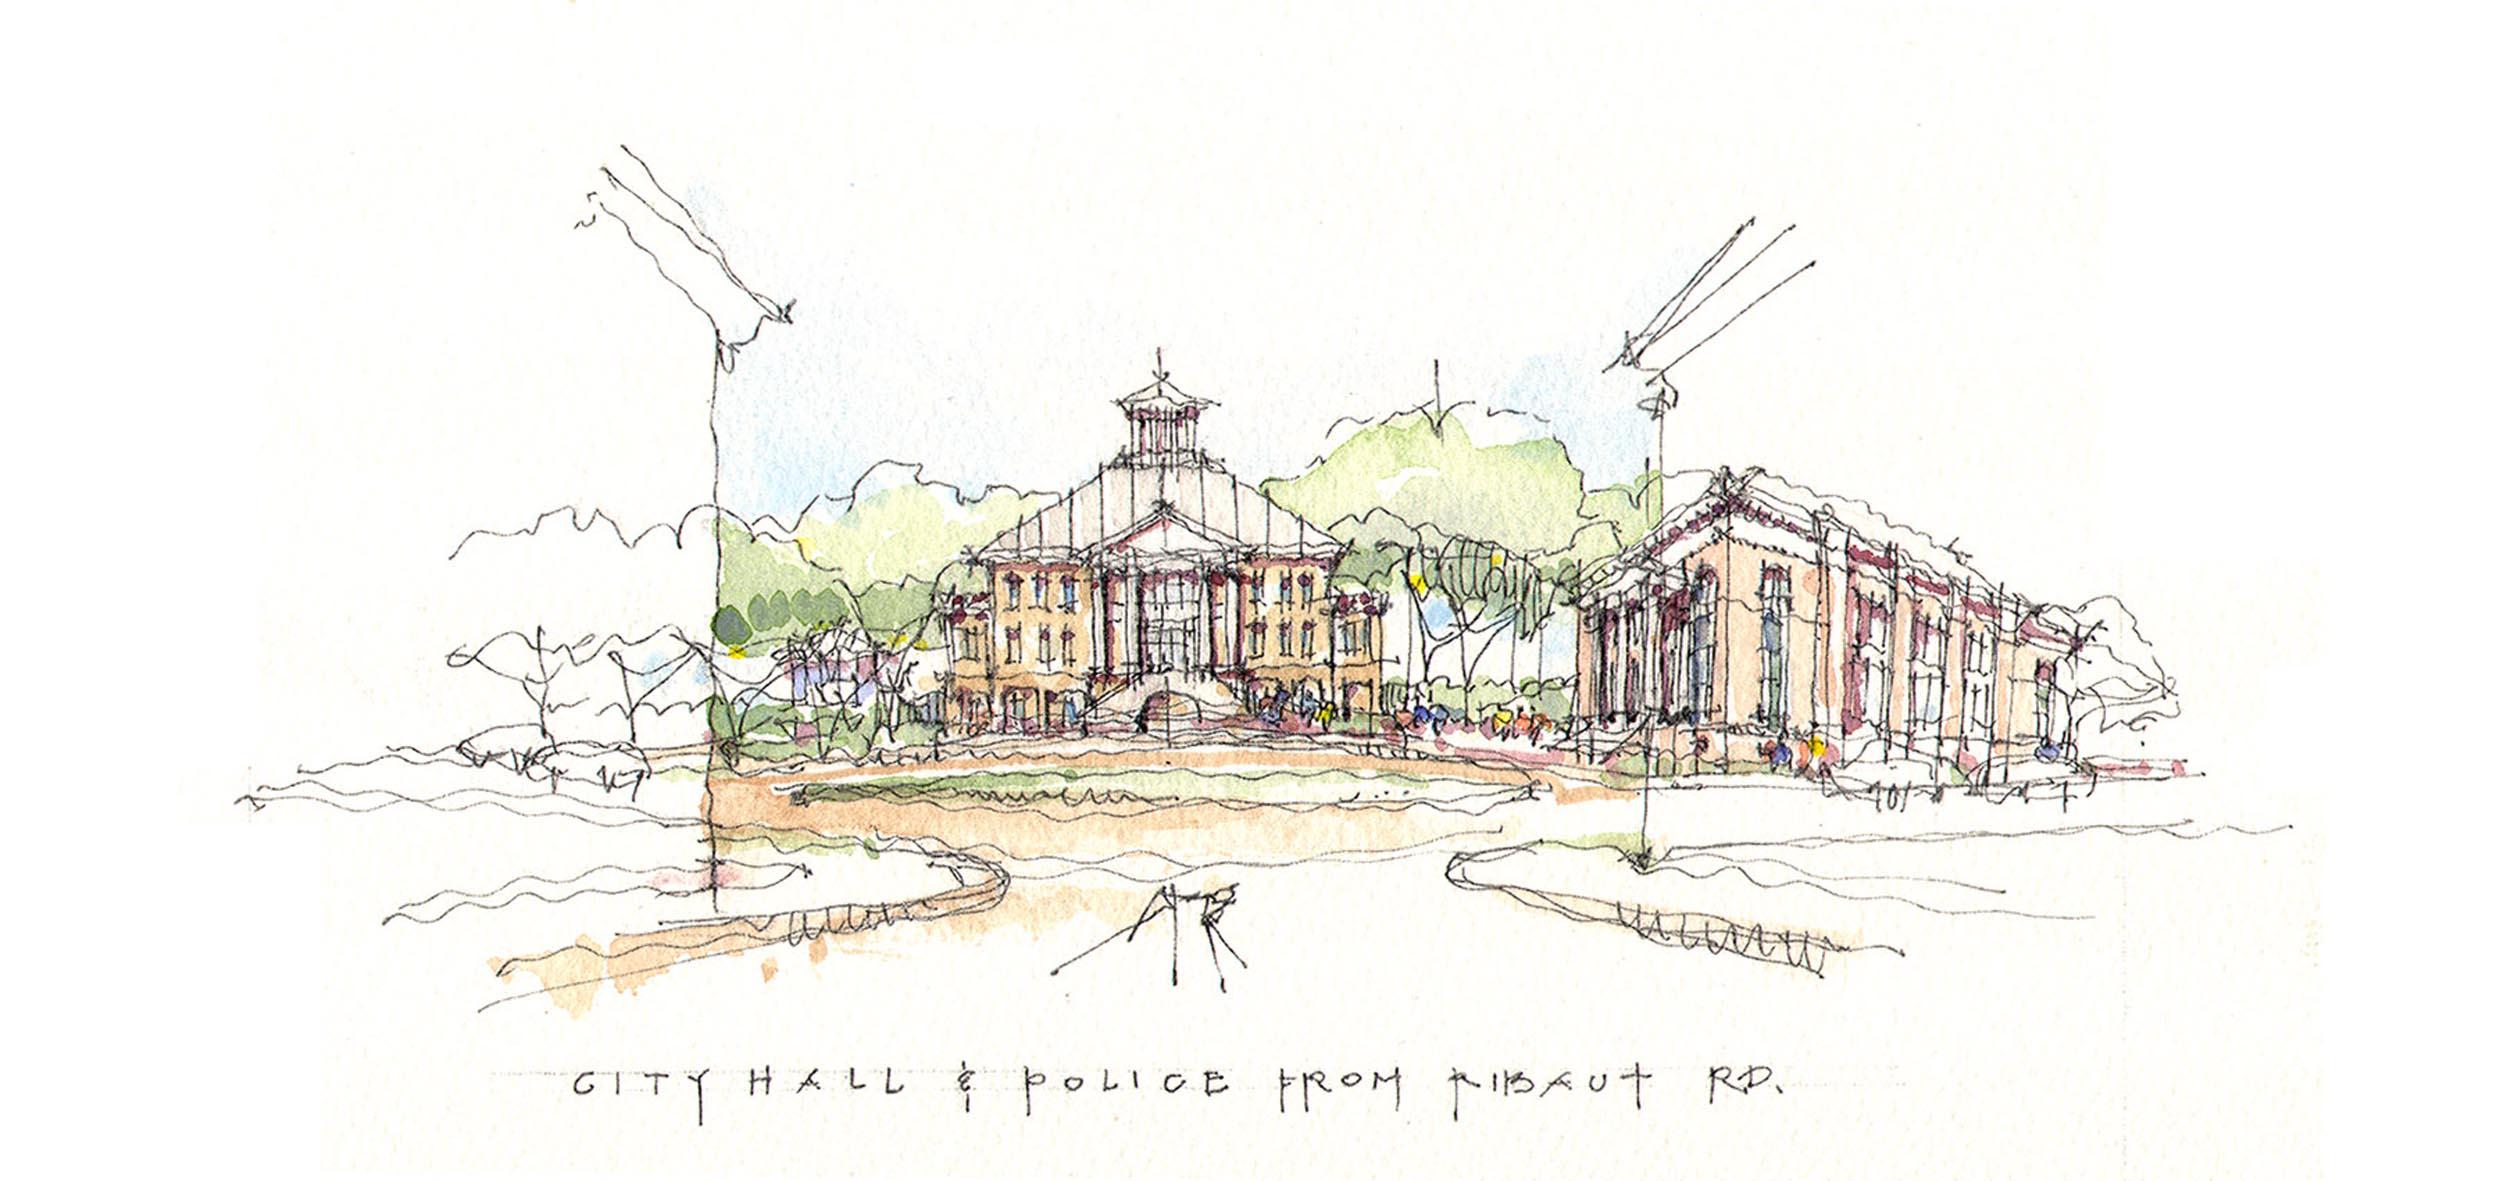 The new City Hall terminates Ribaut Road